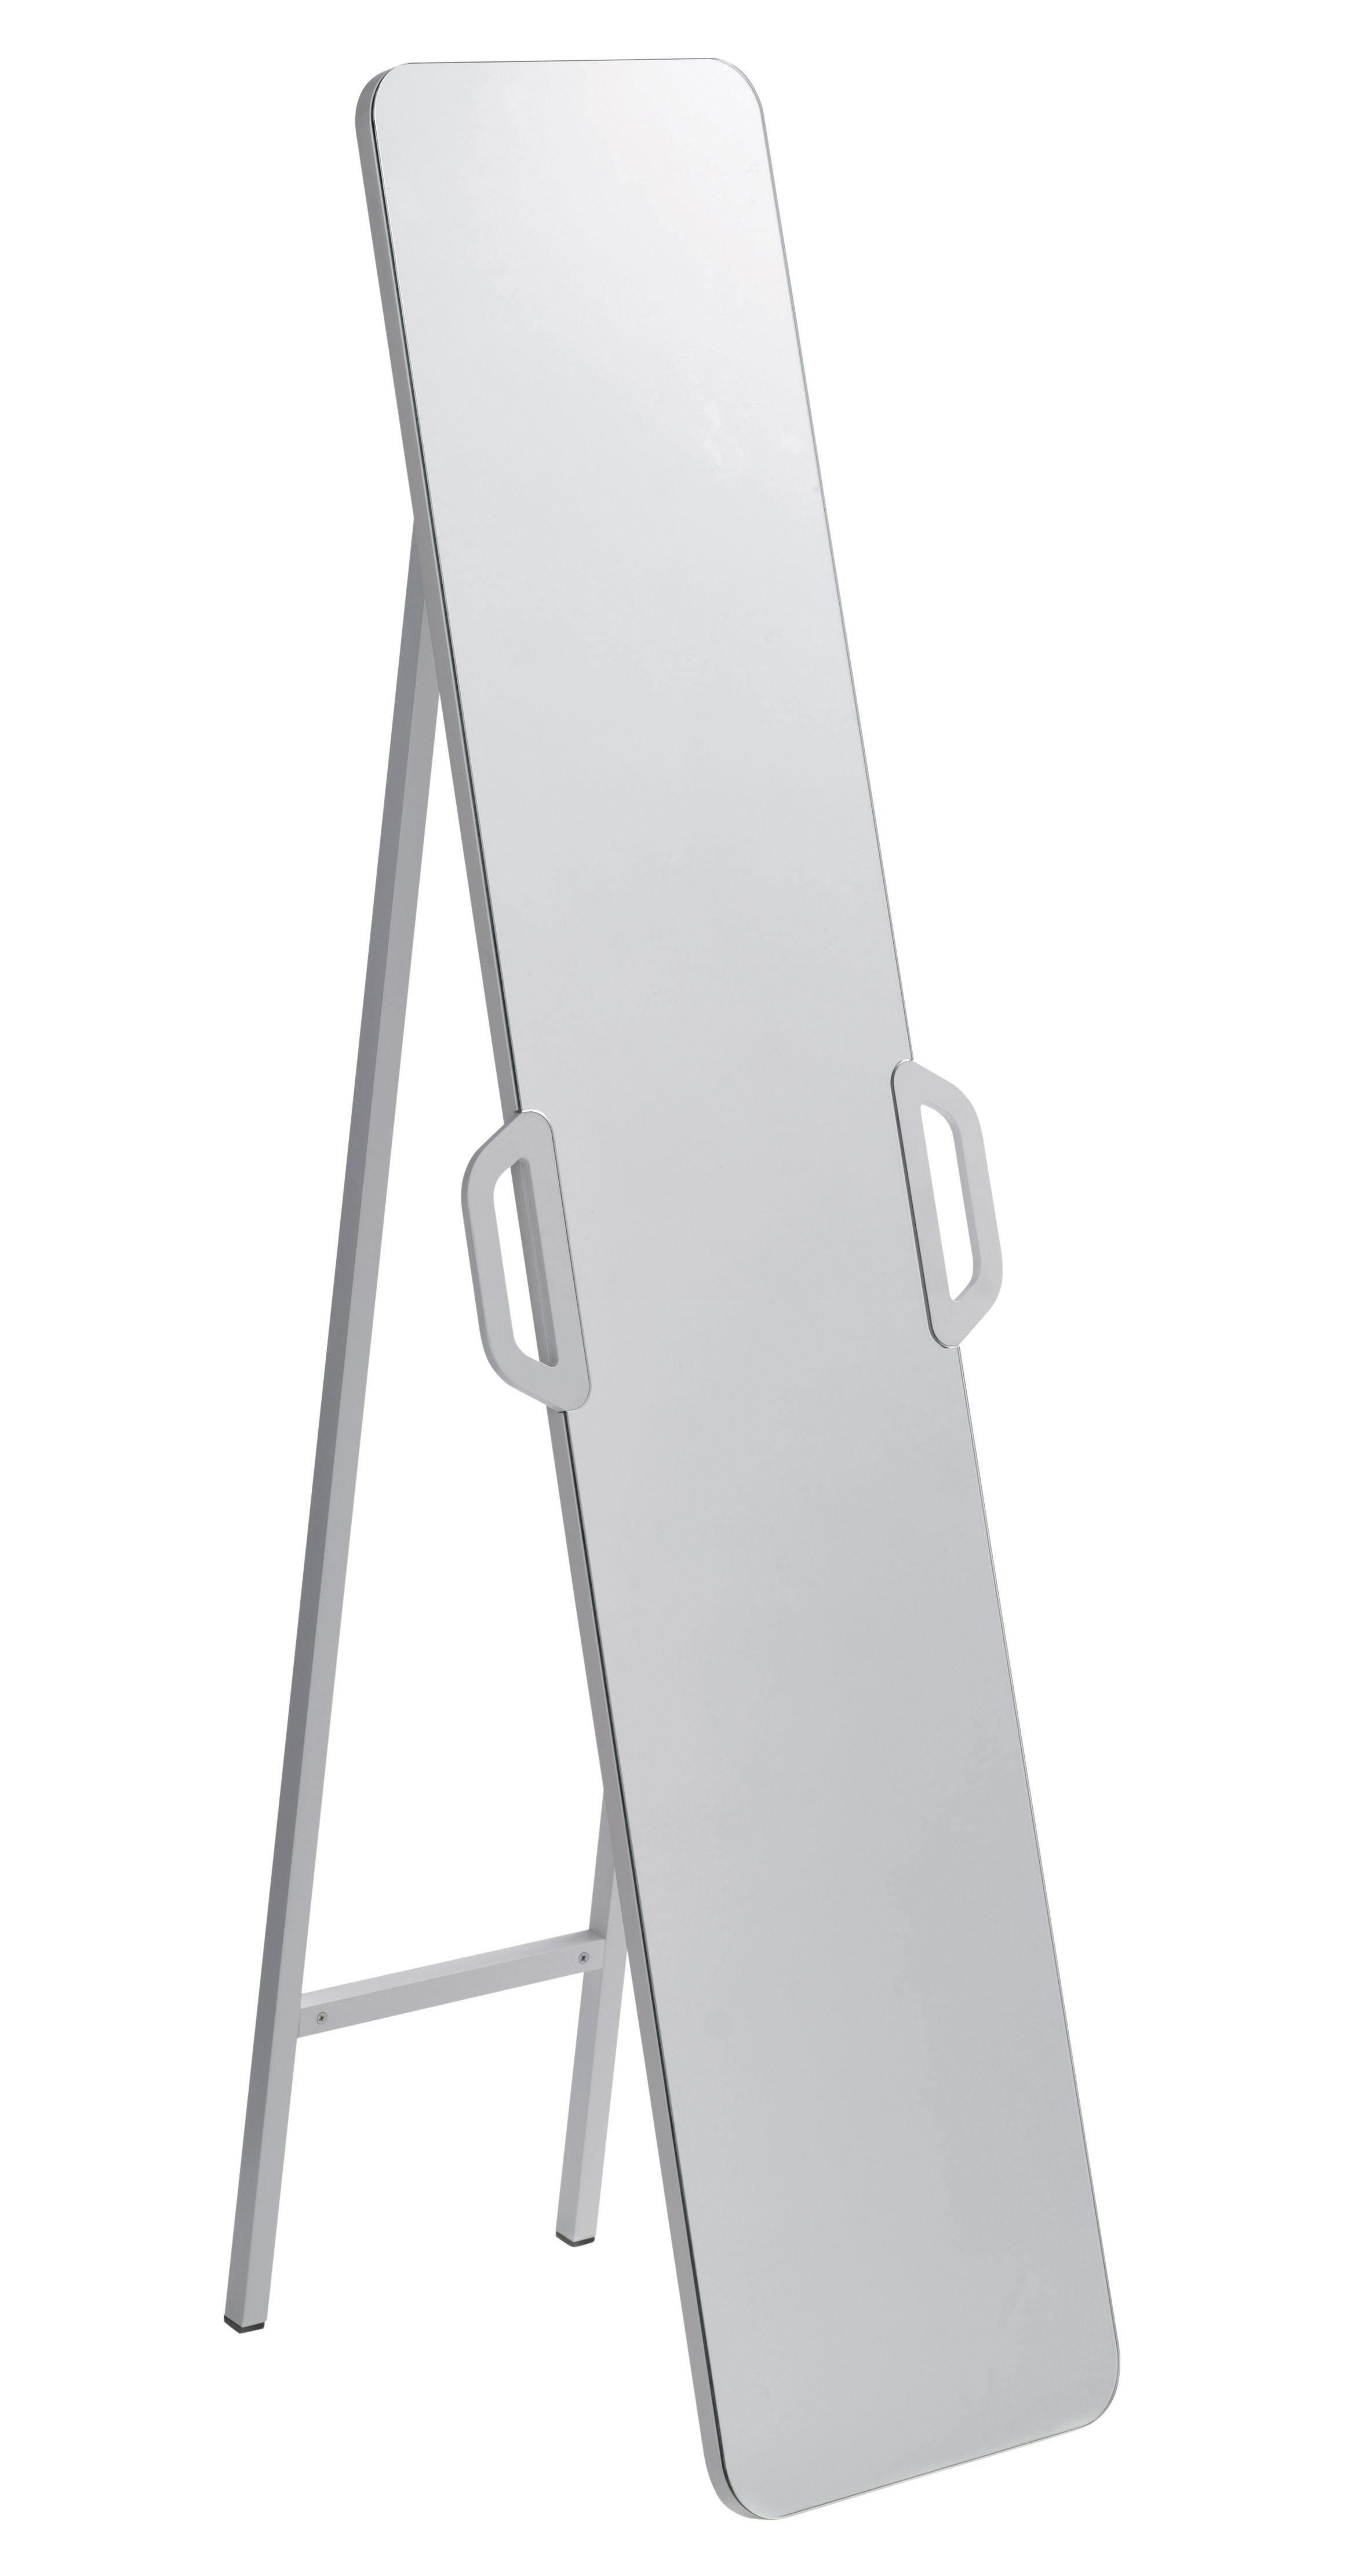 miroir pr t porter sur pied ou mural l 42 x h 145 cm blanc casamania. Black Bedroom Furniture Sets. Home Design Ideas